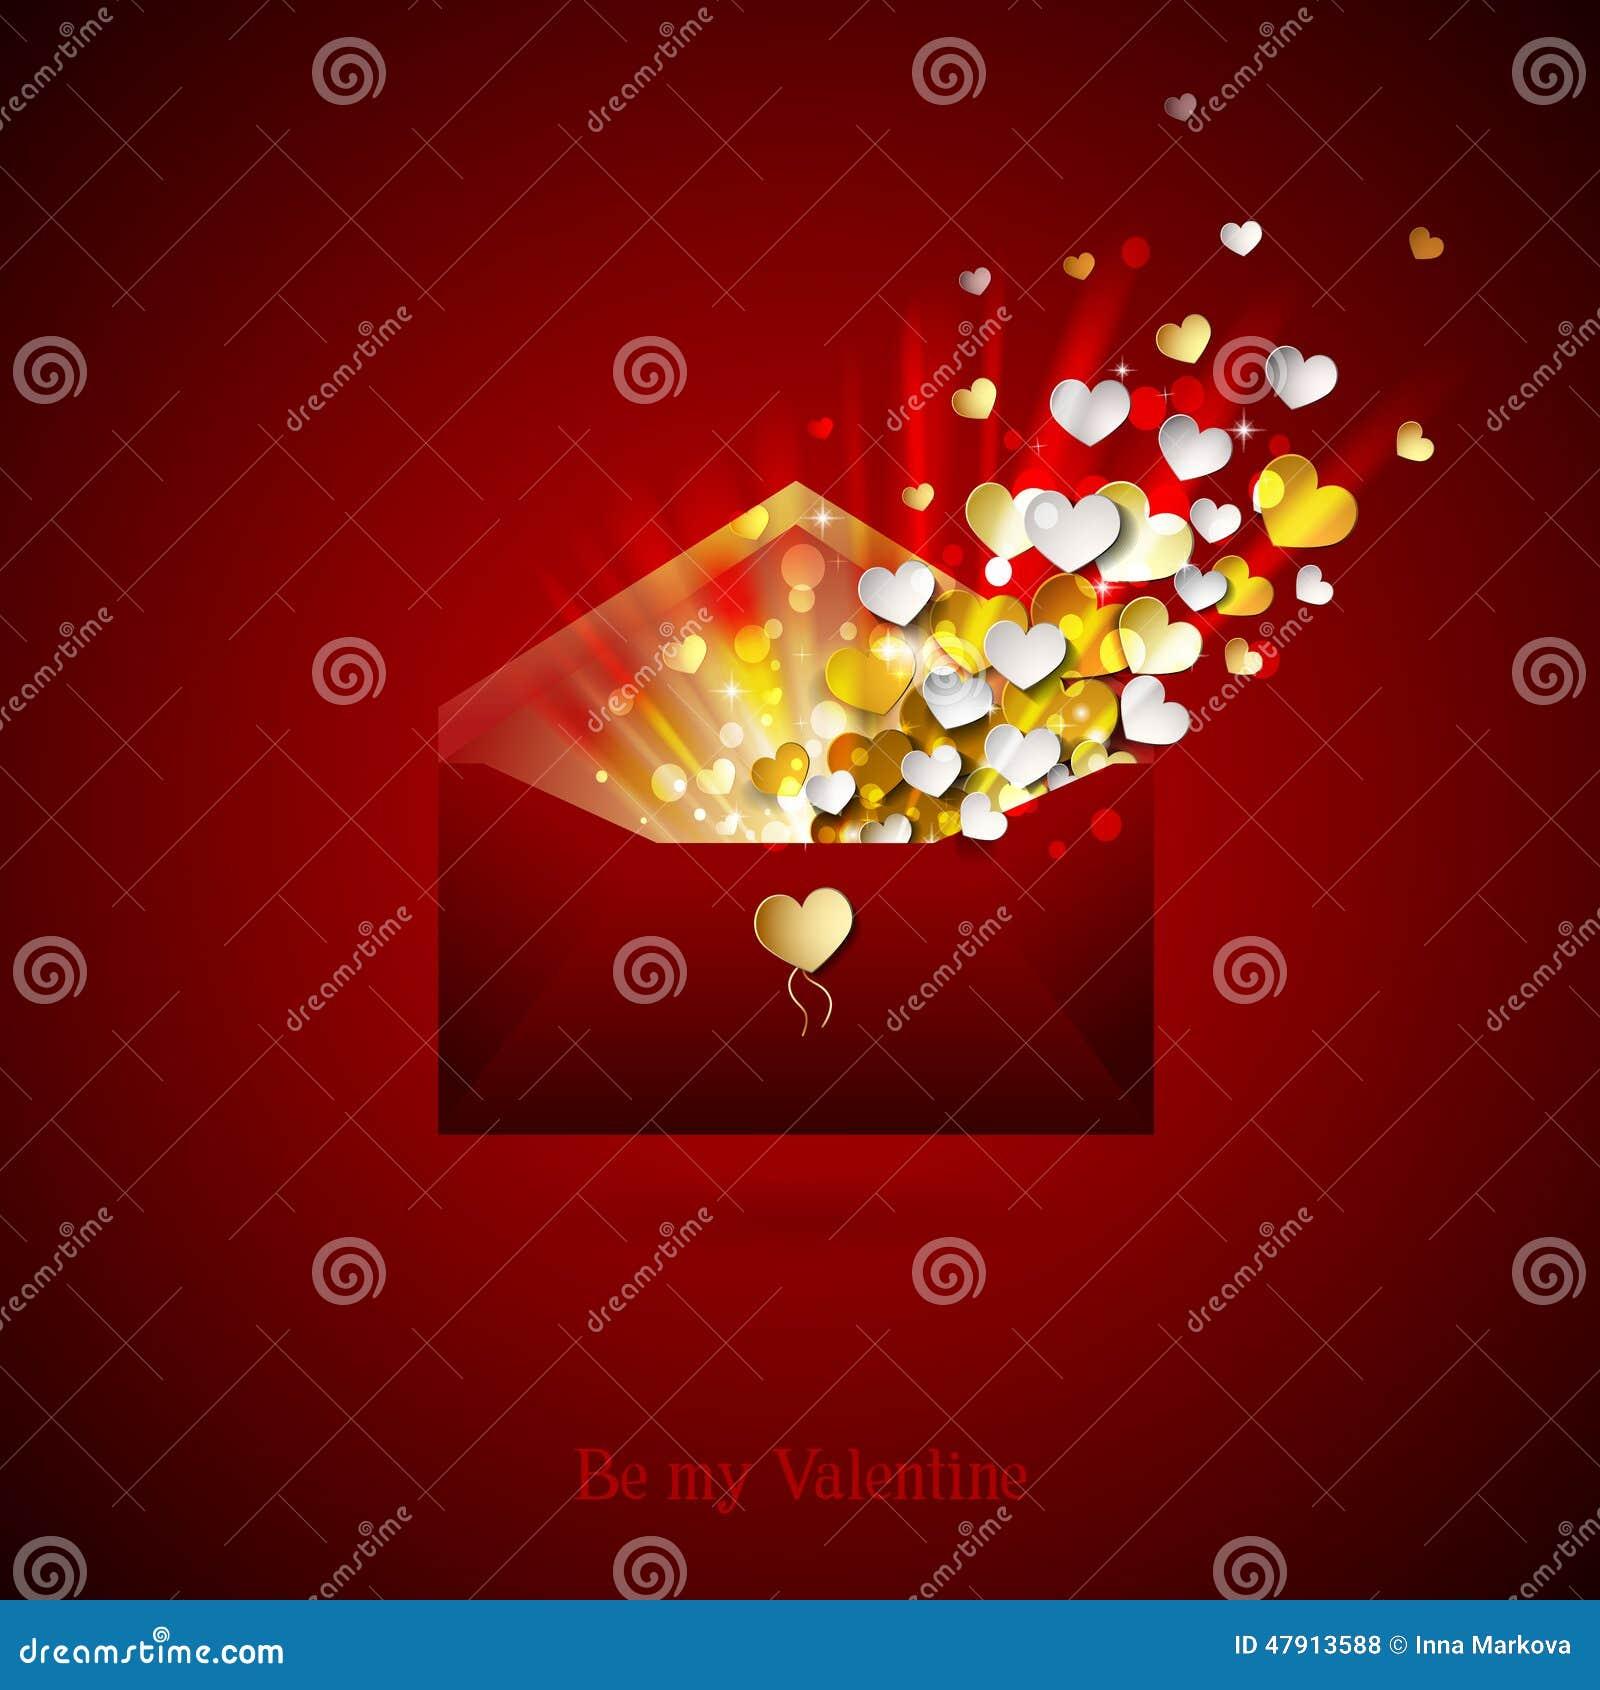 Umschlag Mit Innerem Öffnen Sie Umschlag Mit Inneren Glückwünsche Auf  Valentinstag